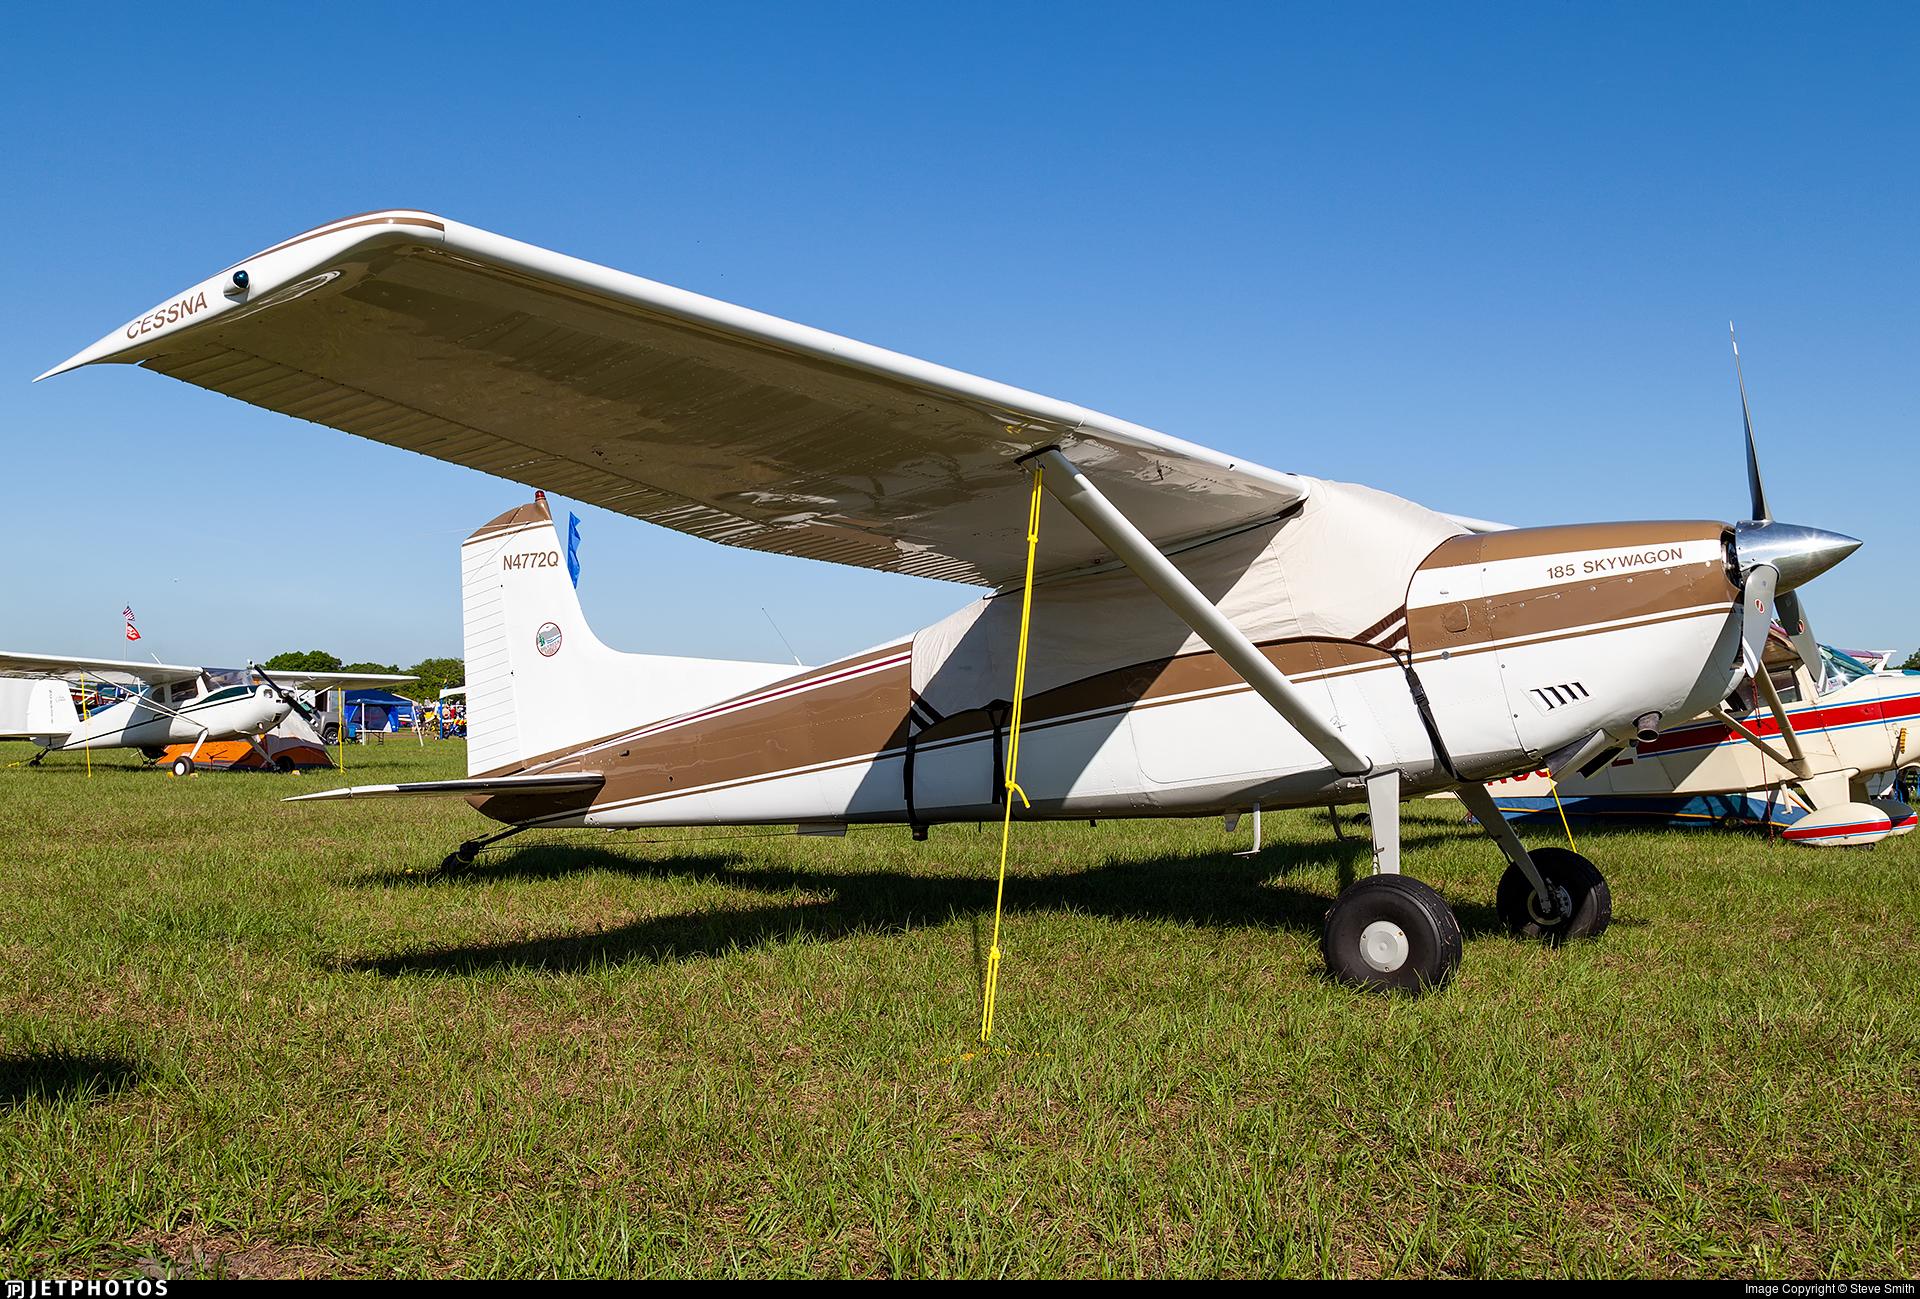 N4772Q - Cessna A185E Skywagon - Private